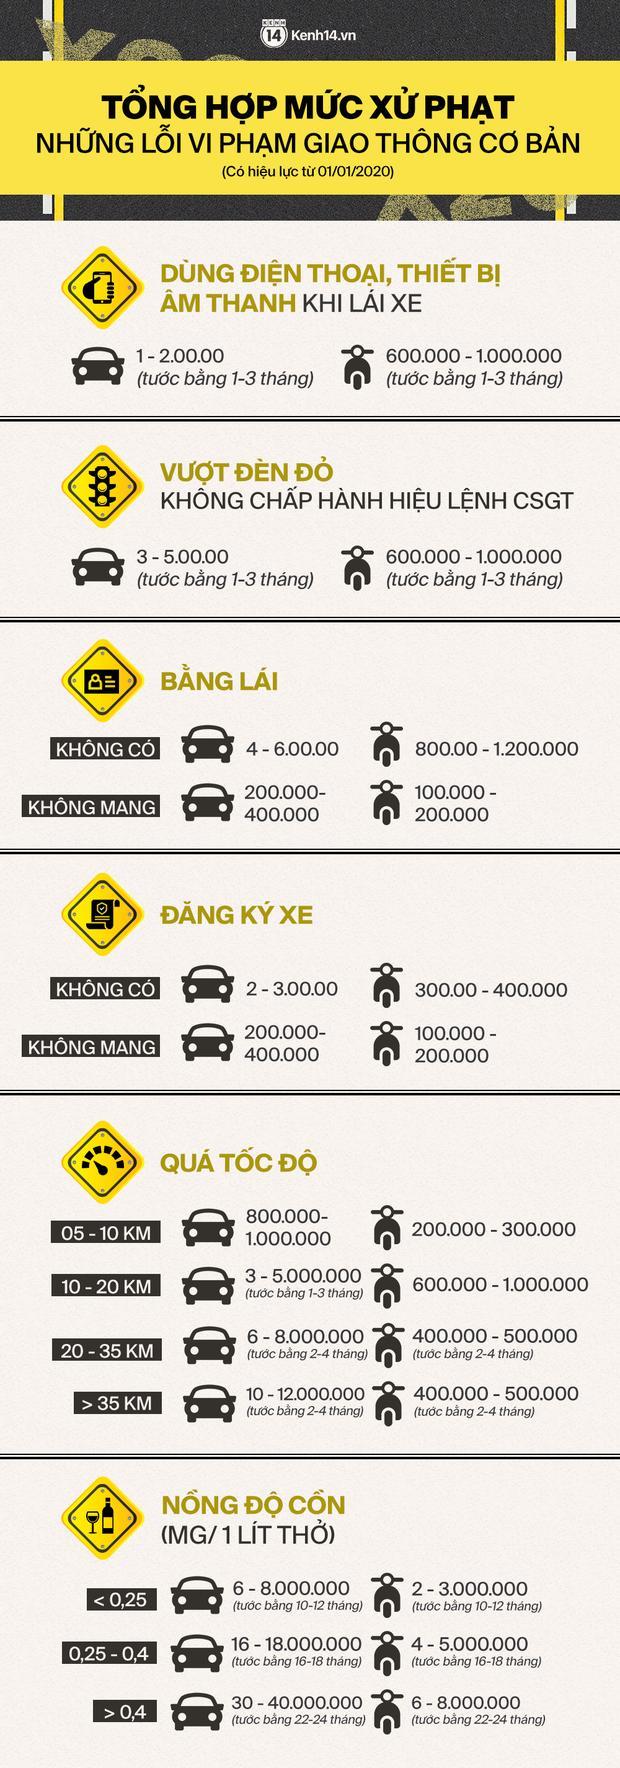 Chú ý: Đây là các mức xử phạt mới đối với các lỗi vi phạm giao thông thường gặp, đã áp dụng từ 1/1/2020-1